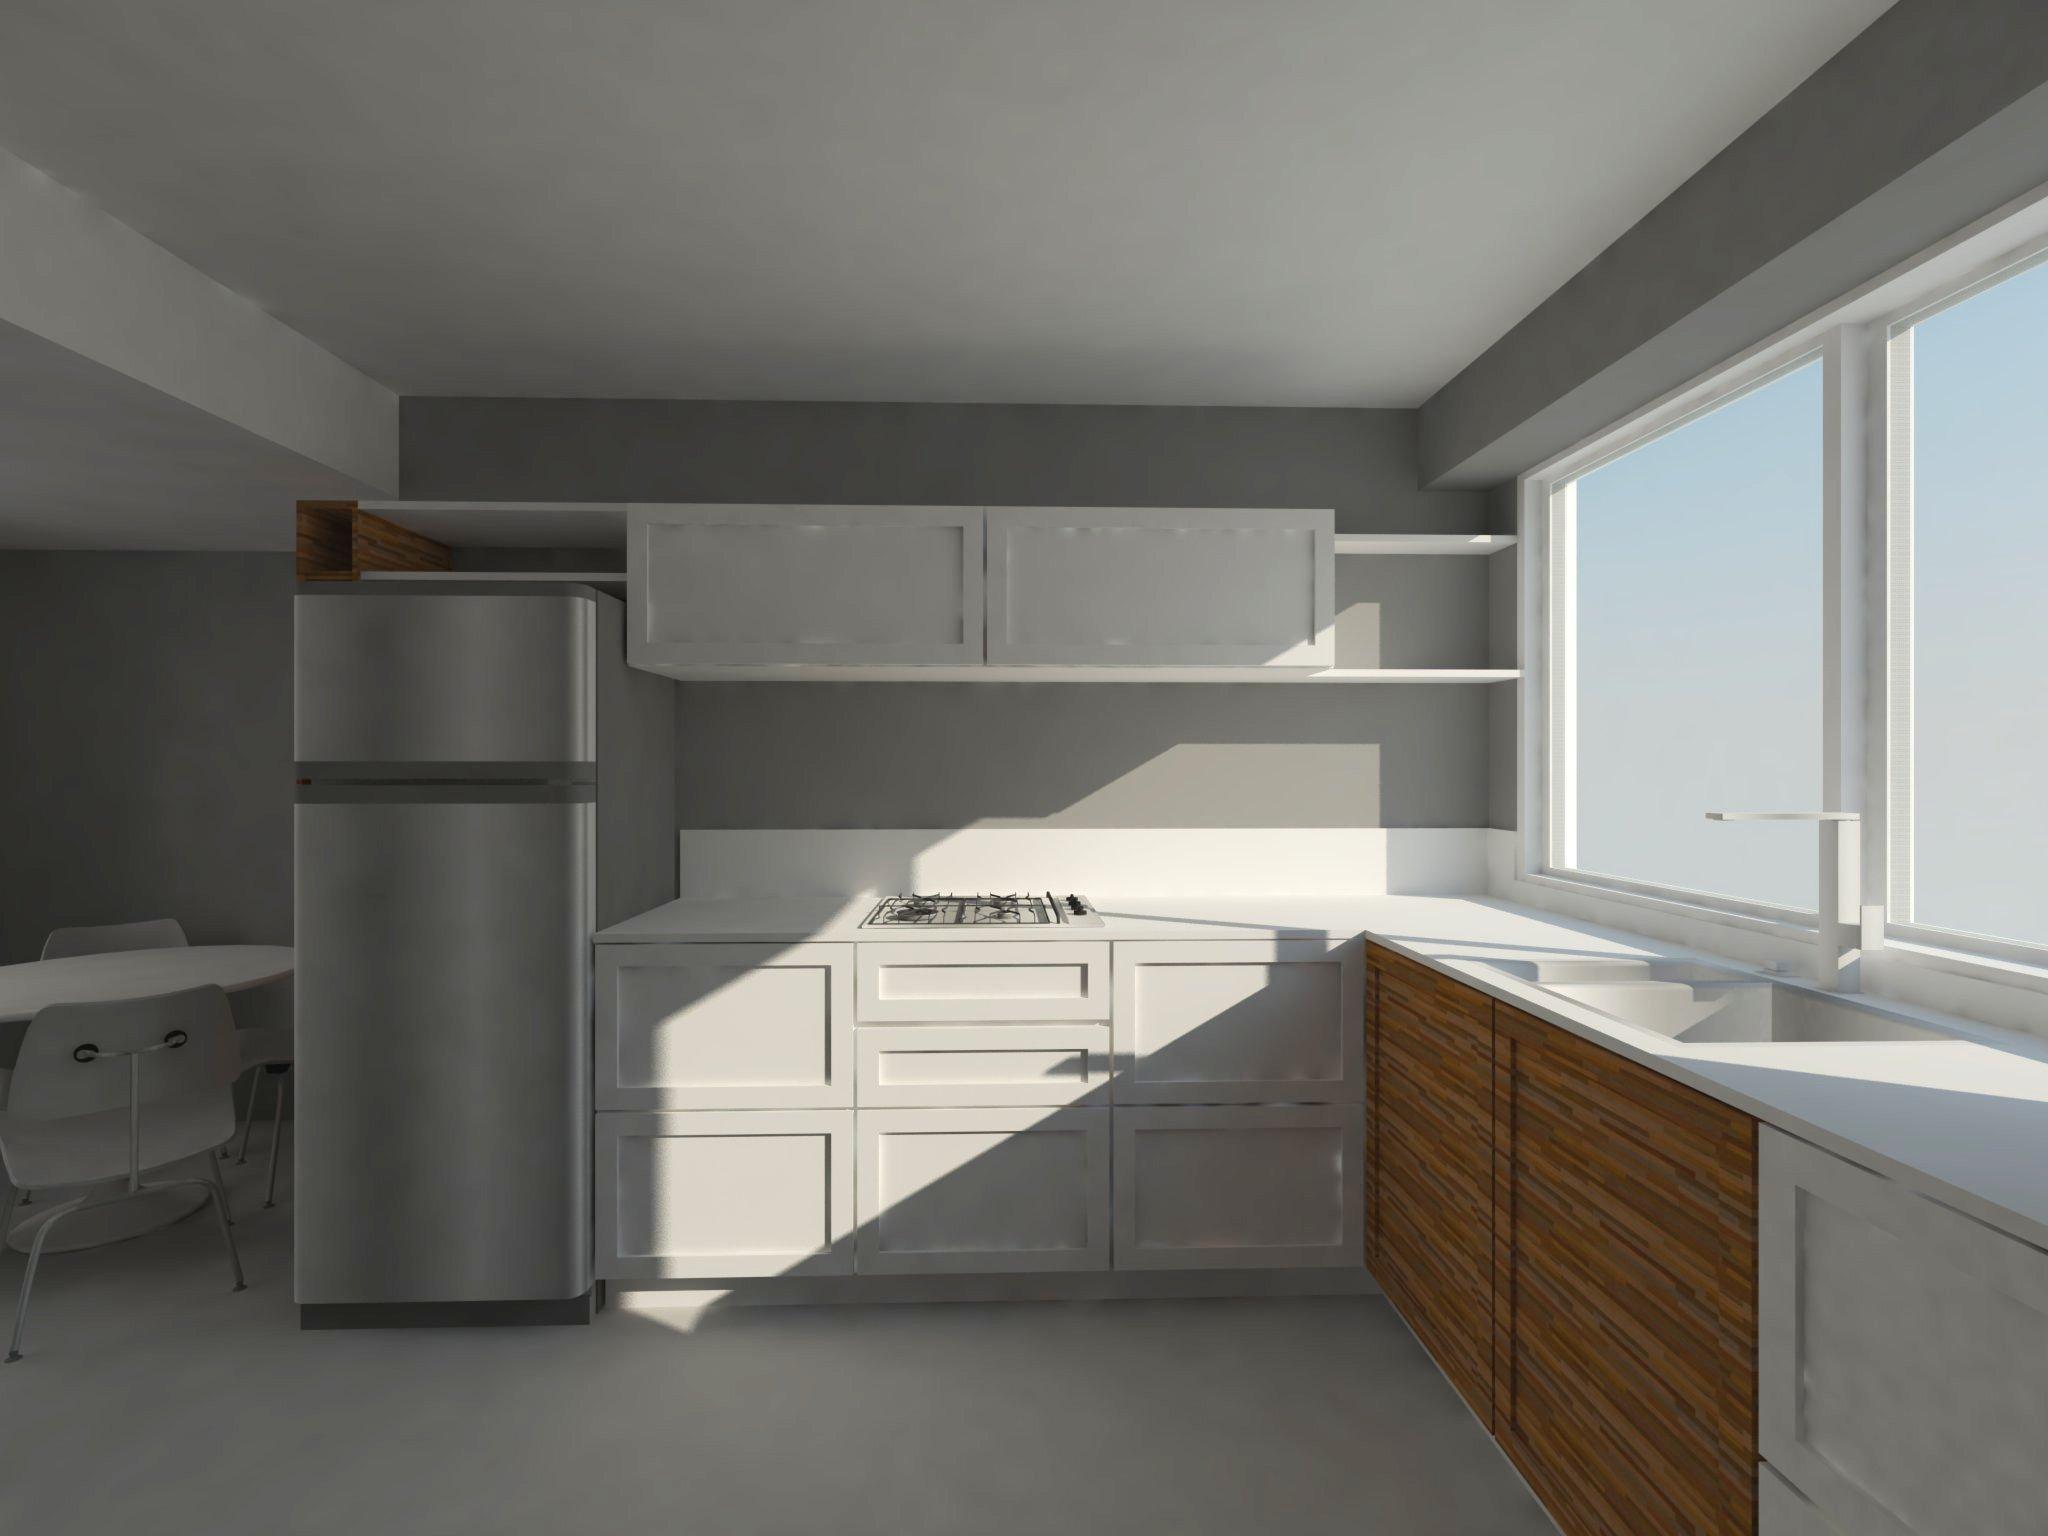 Render cocina 5 estudio arquitecta moriello i proyectos for Cocinas quetzal